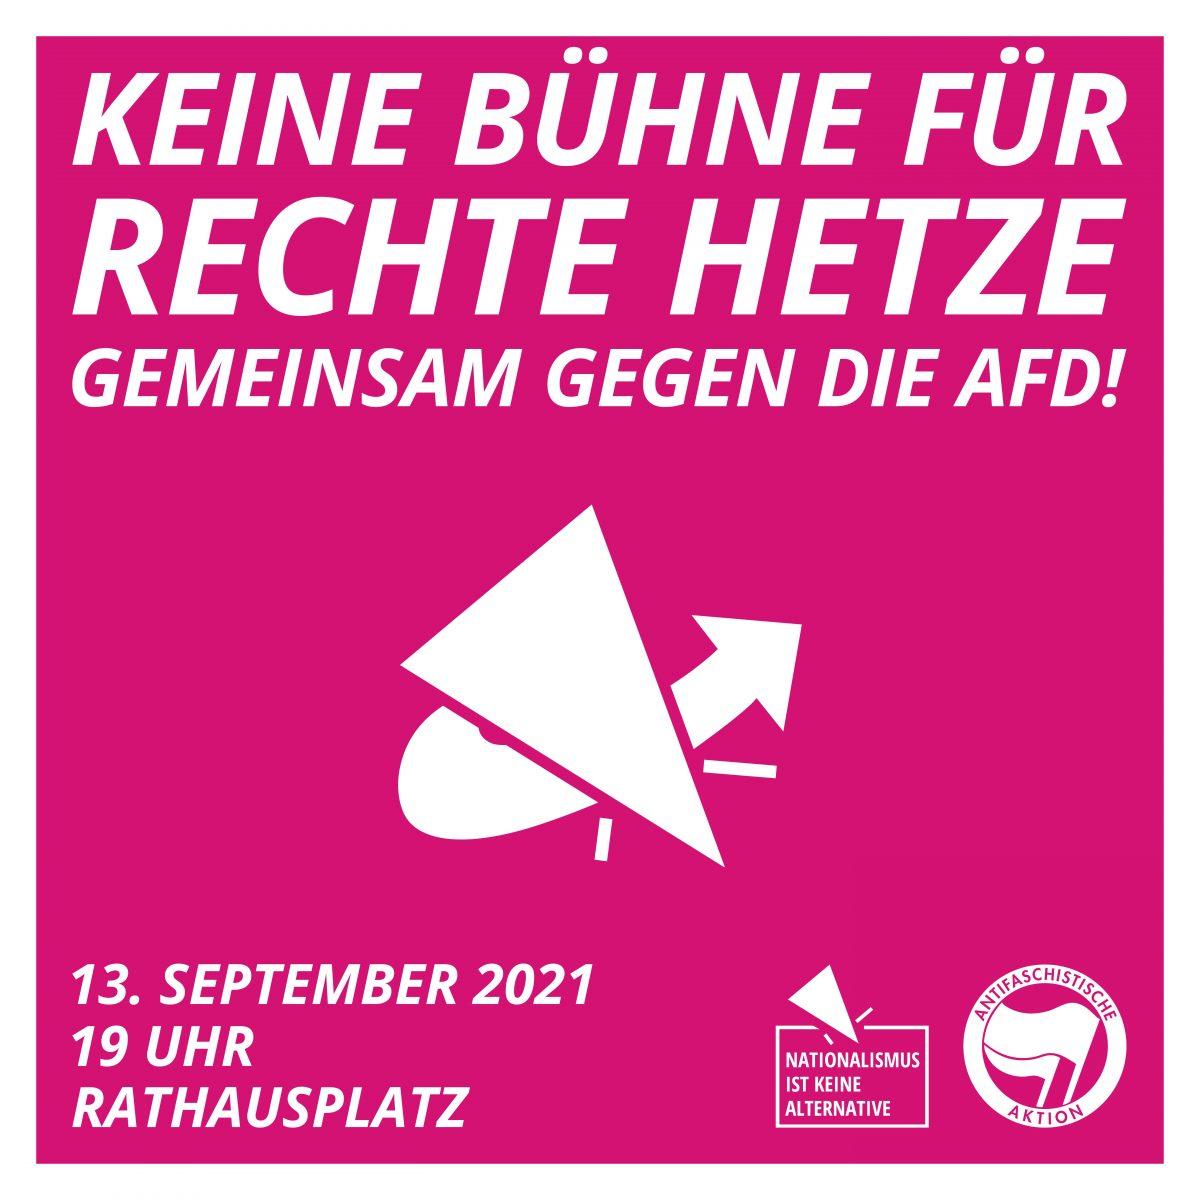 Keine Bühne für rechte Hetze – gemeinsam gegen die AfD!